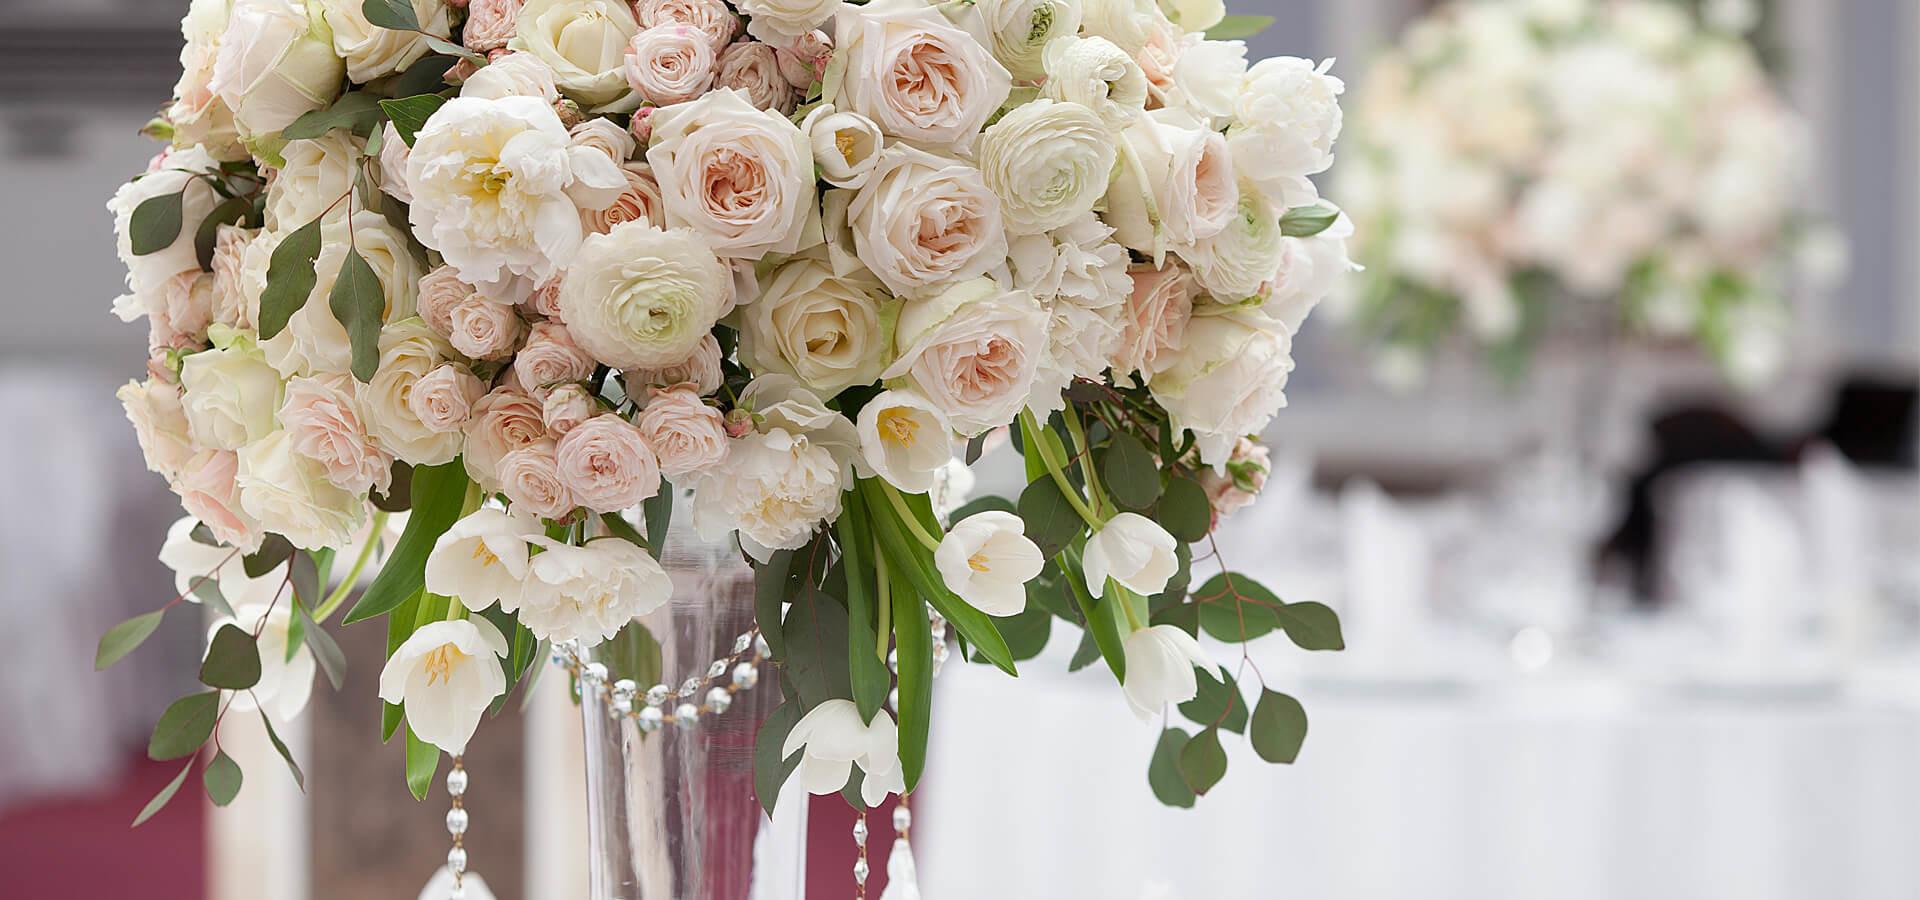 Самые распространенные мифы о свадьбе